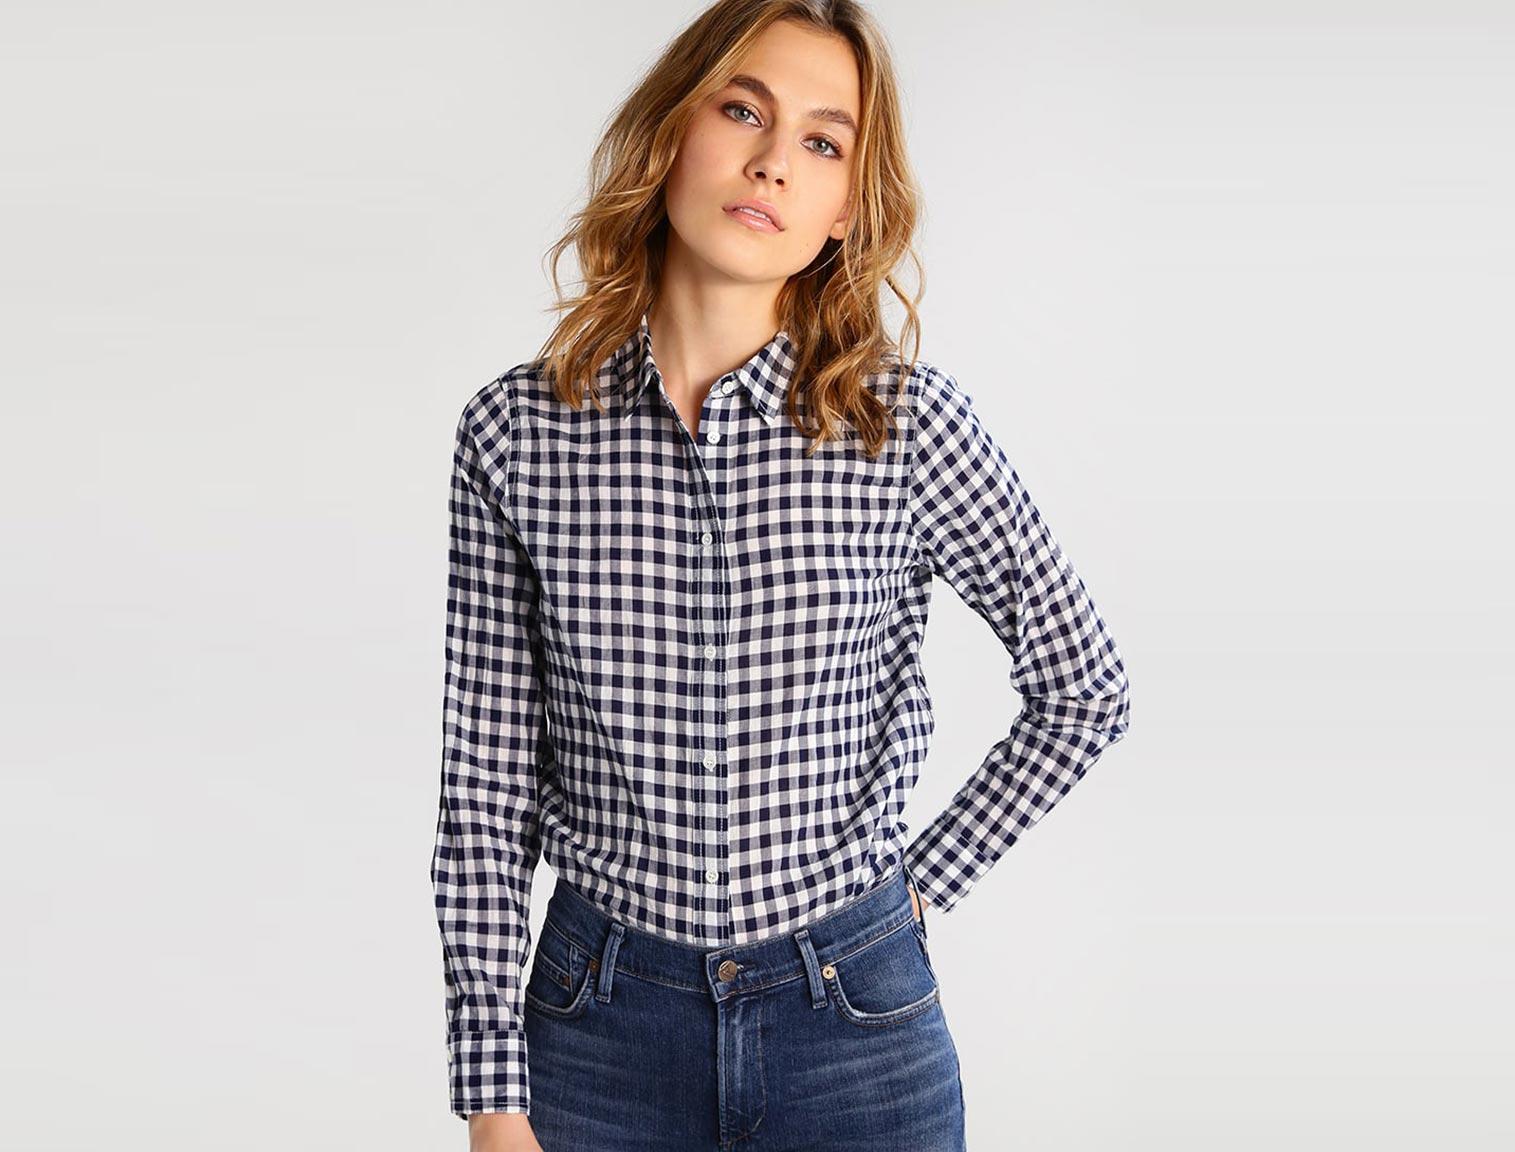 fd8a3173108 Camisas a cuadros de mujer y hombre | Online en Zalando